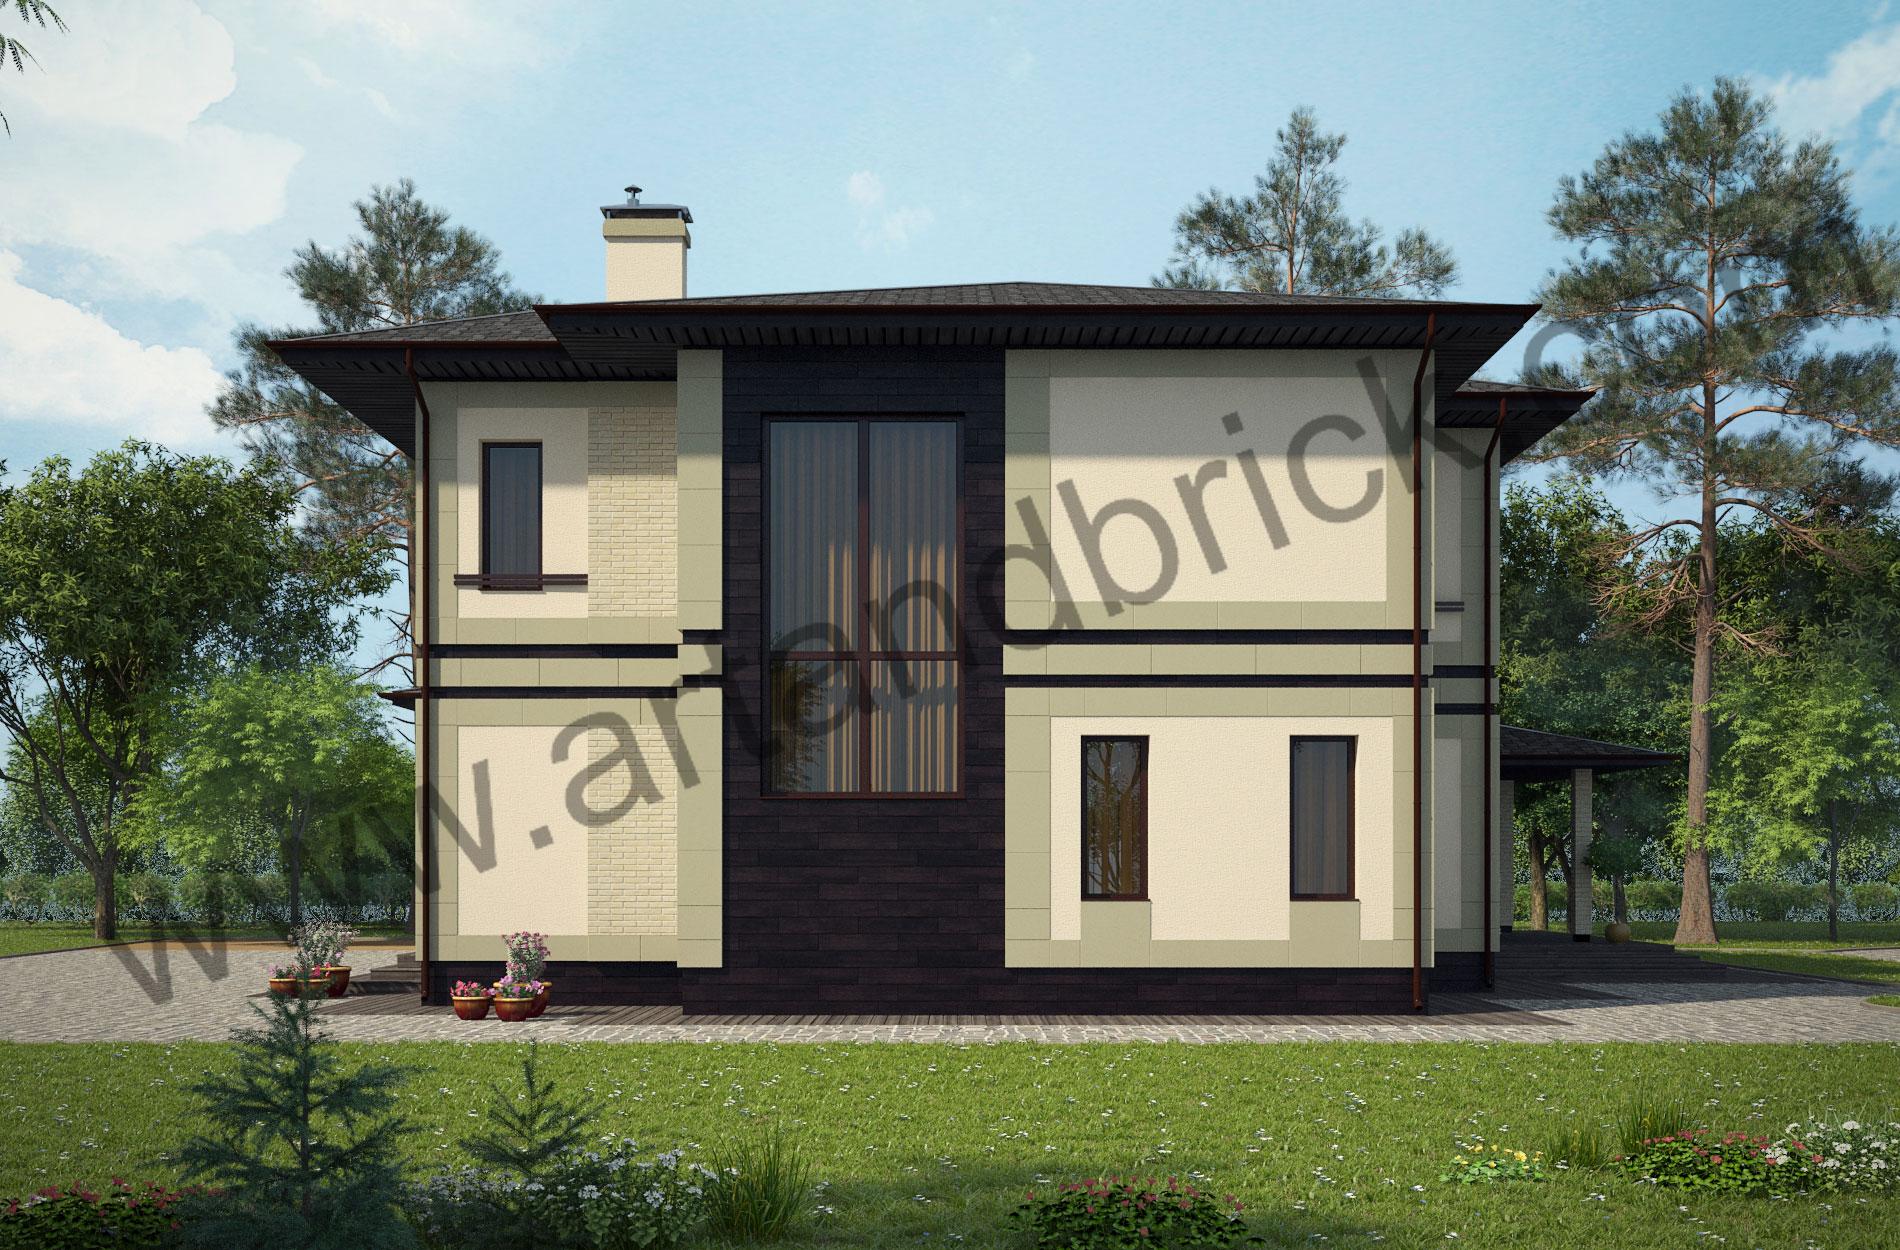 Проект дома c баней в современном стиле – боковой фасад дома. Площадь современного коттеджа – 253 кв.м., площадь бани – 85 кв.м.